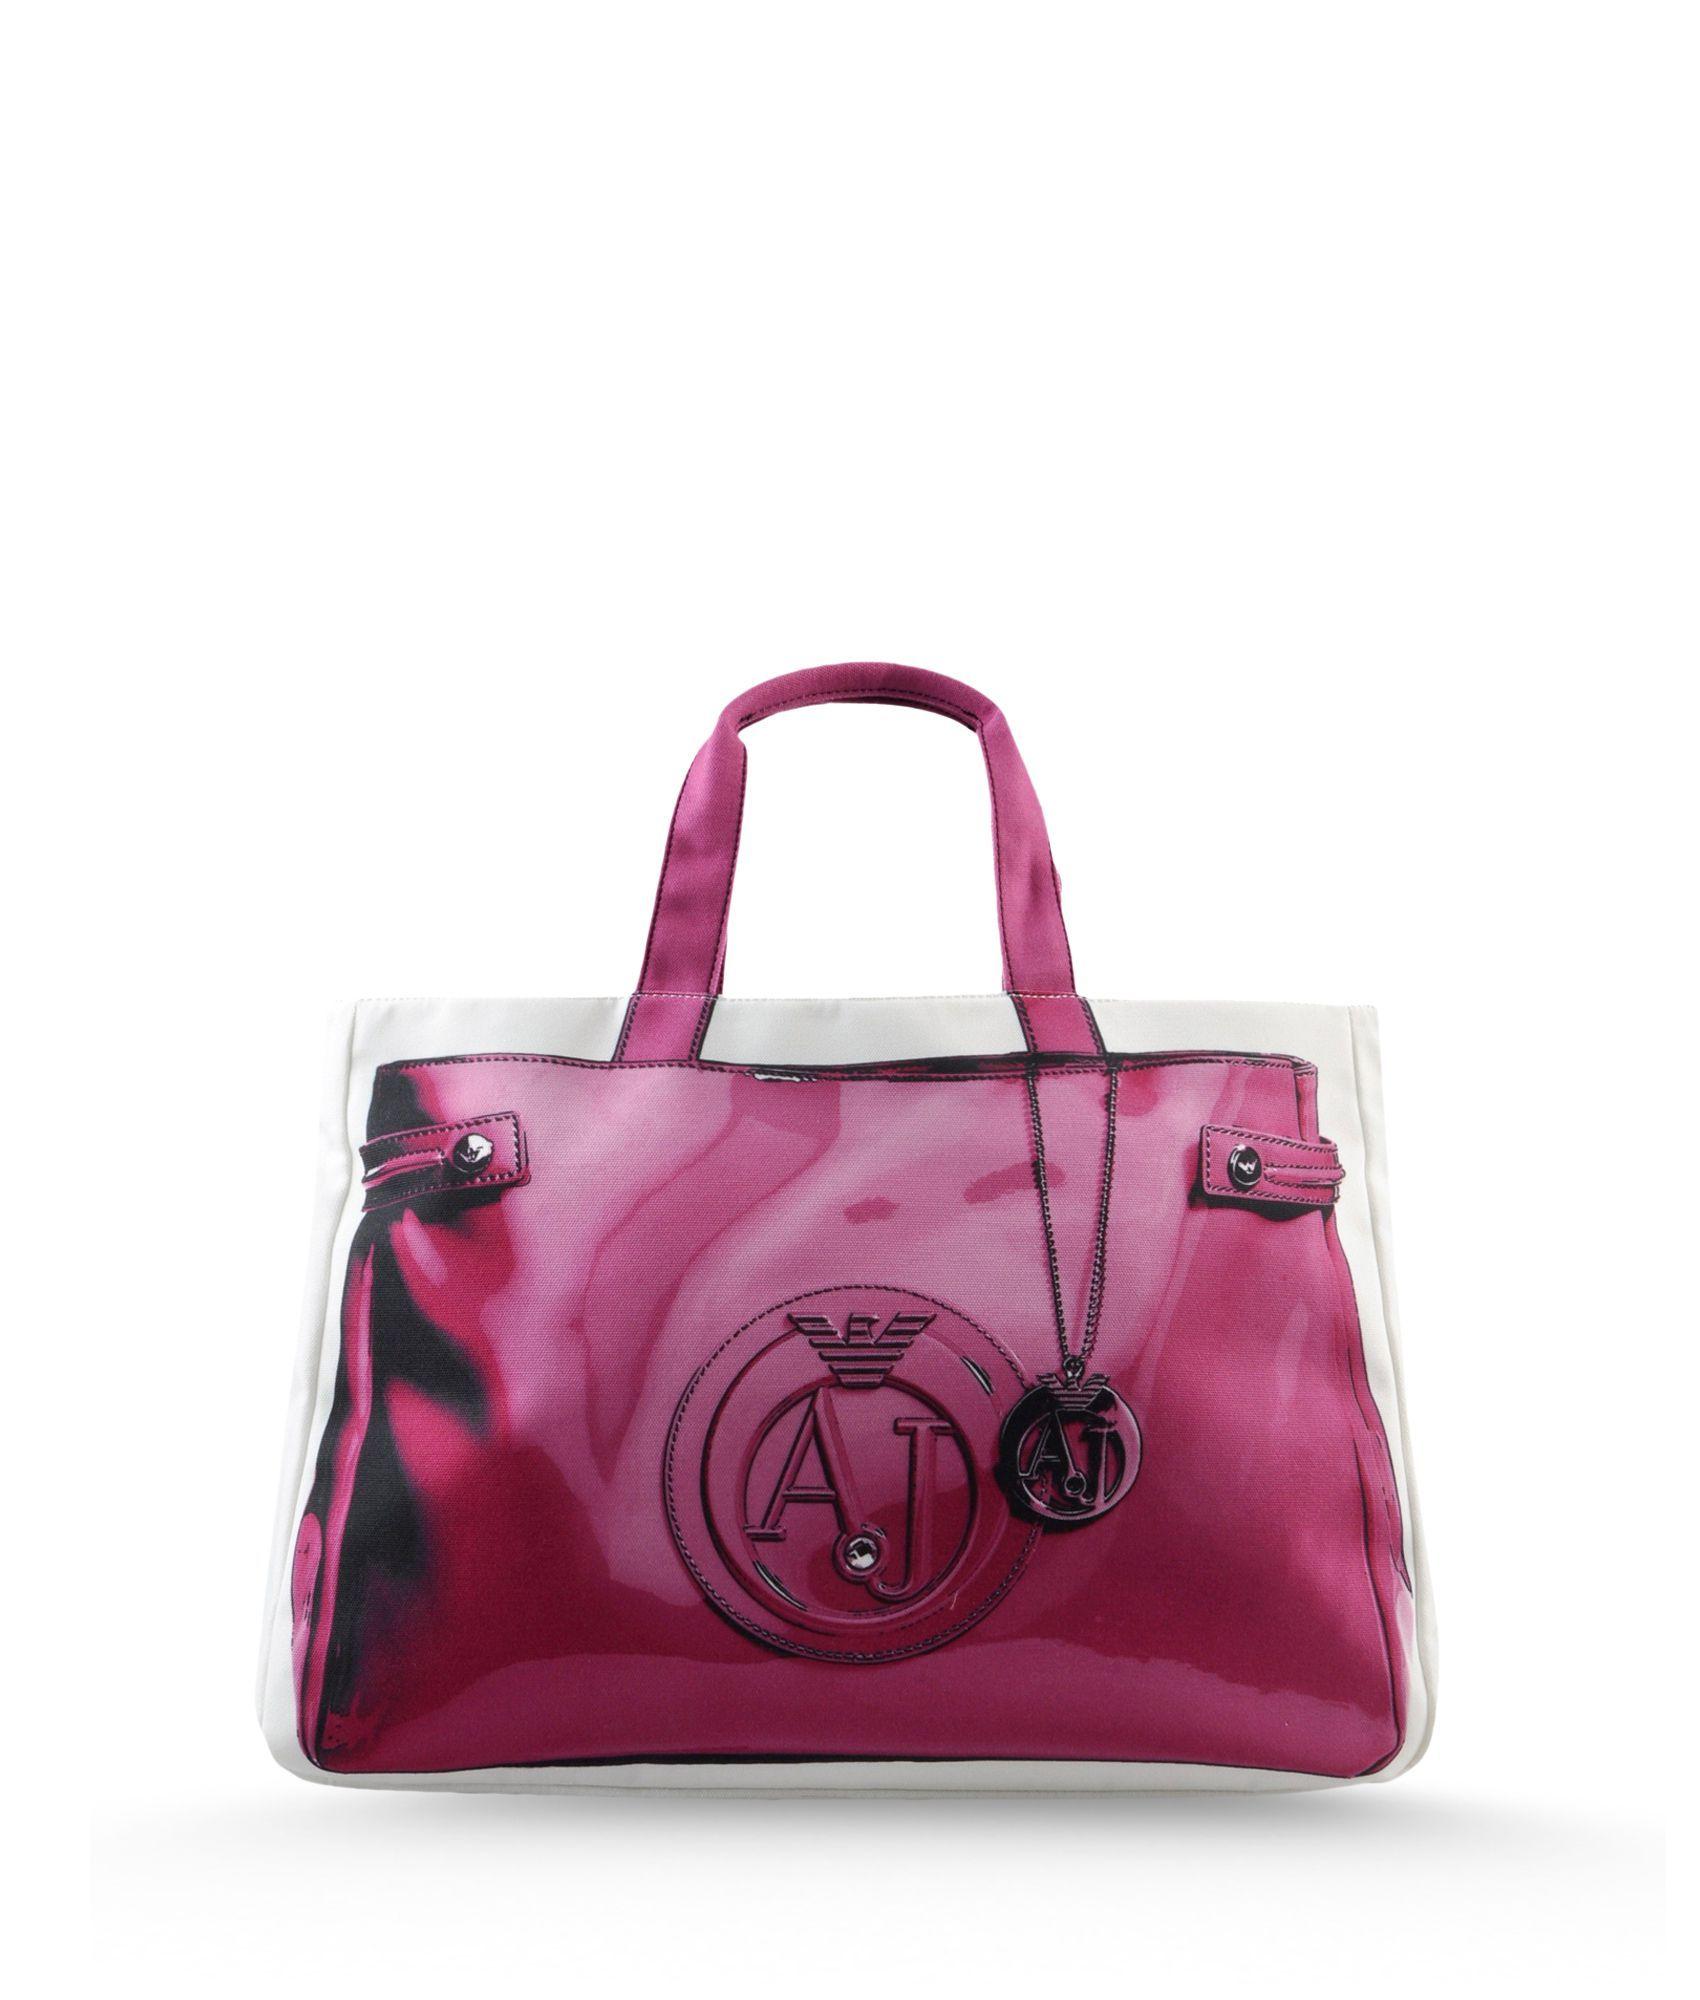 20 Armani Bags Armani Jeans Bags 3046f1f75f8d4